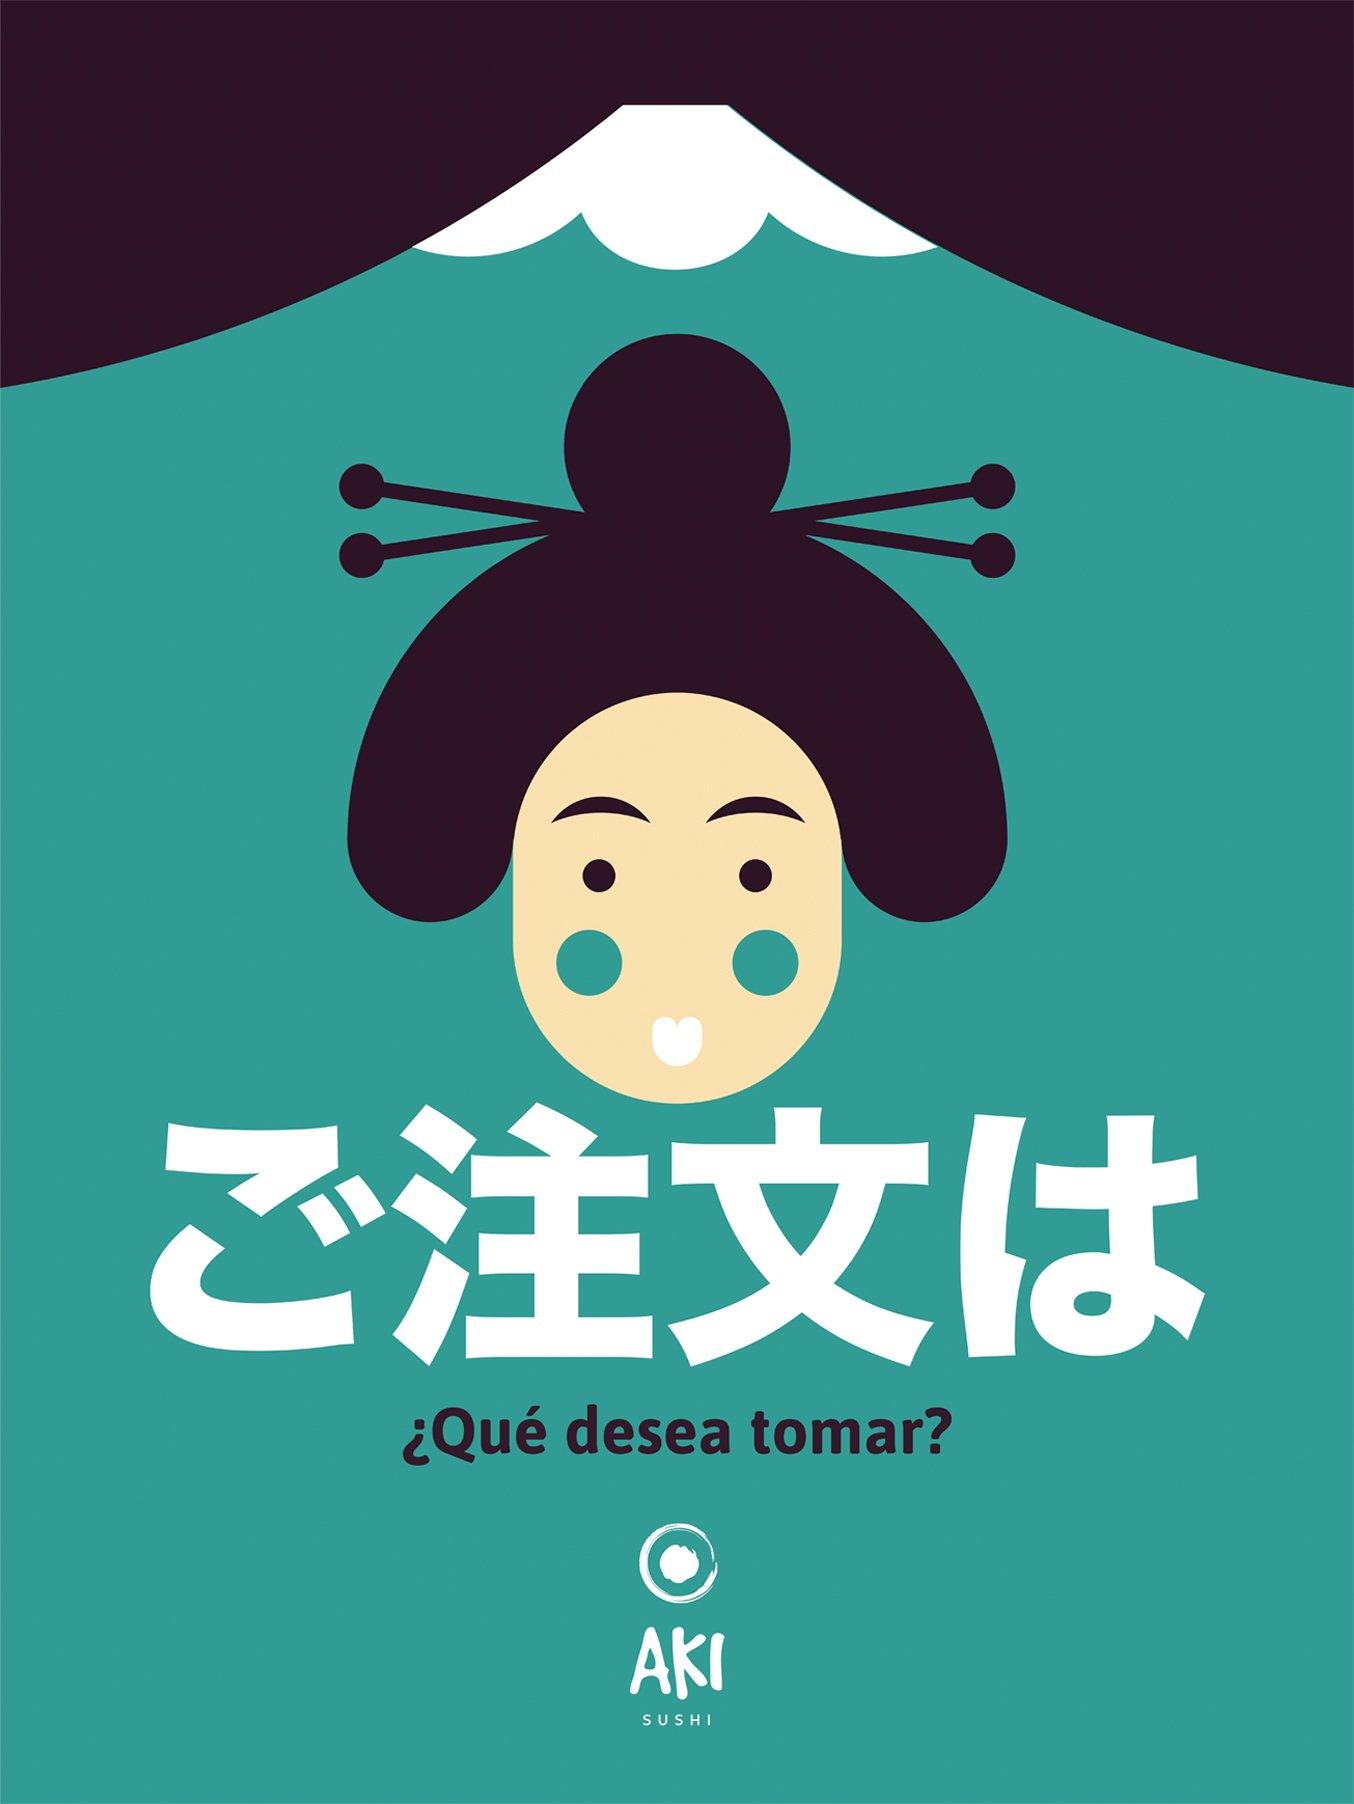 diseño-carteleria-aki-sushi